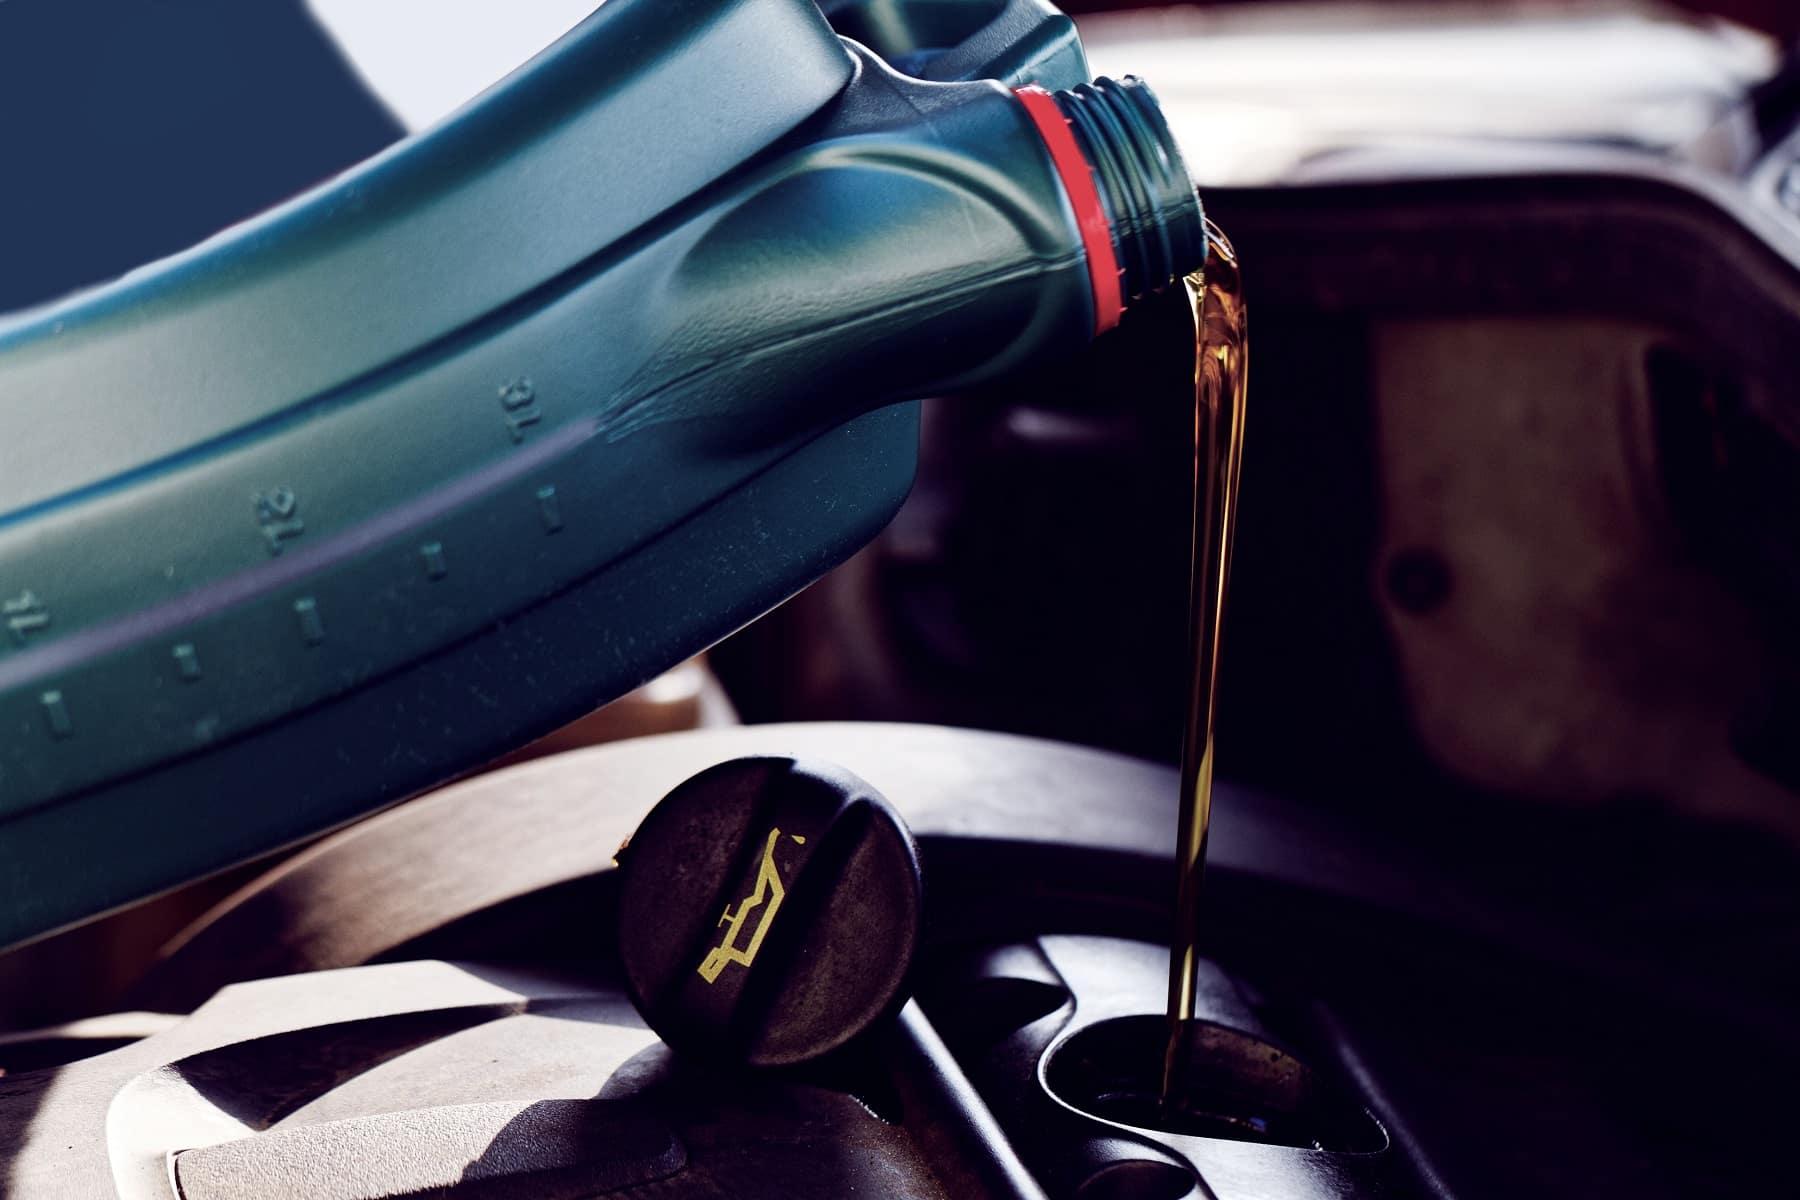 Honda Pilot Maintenance